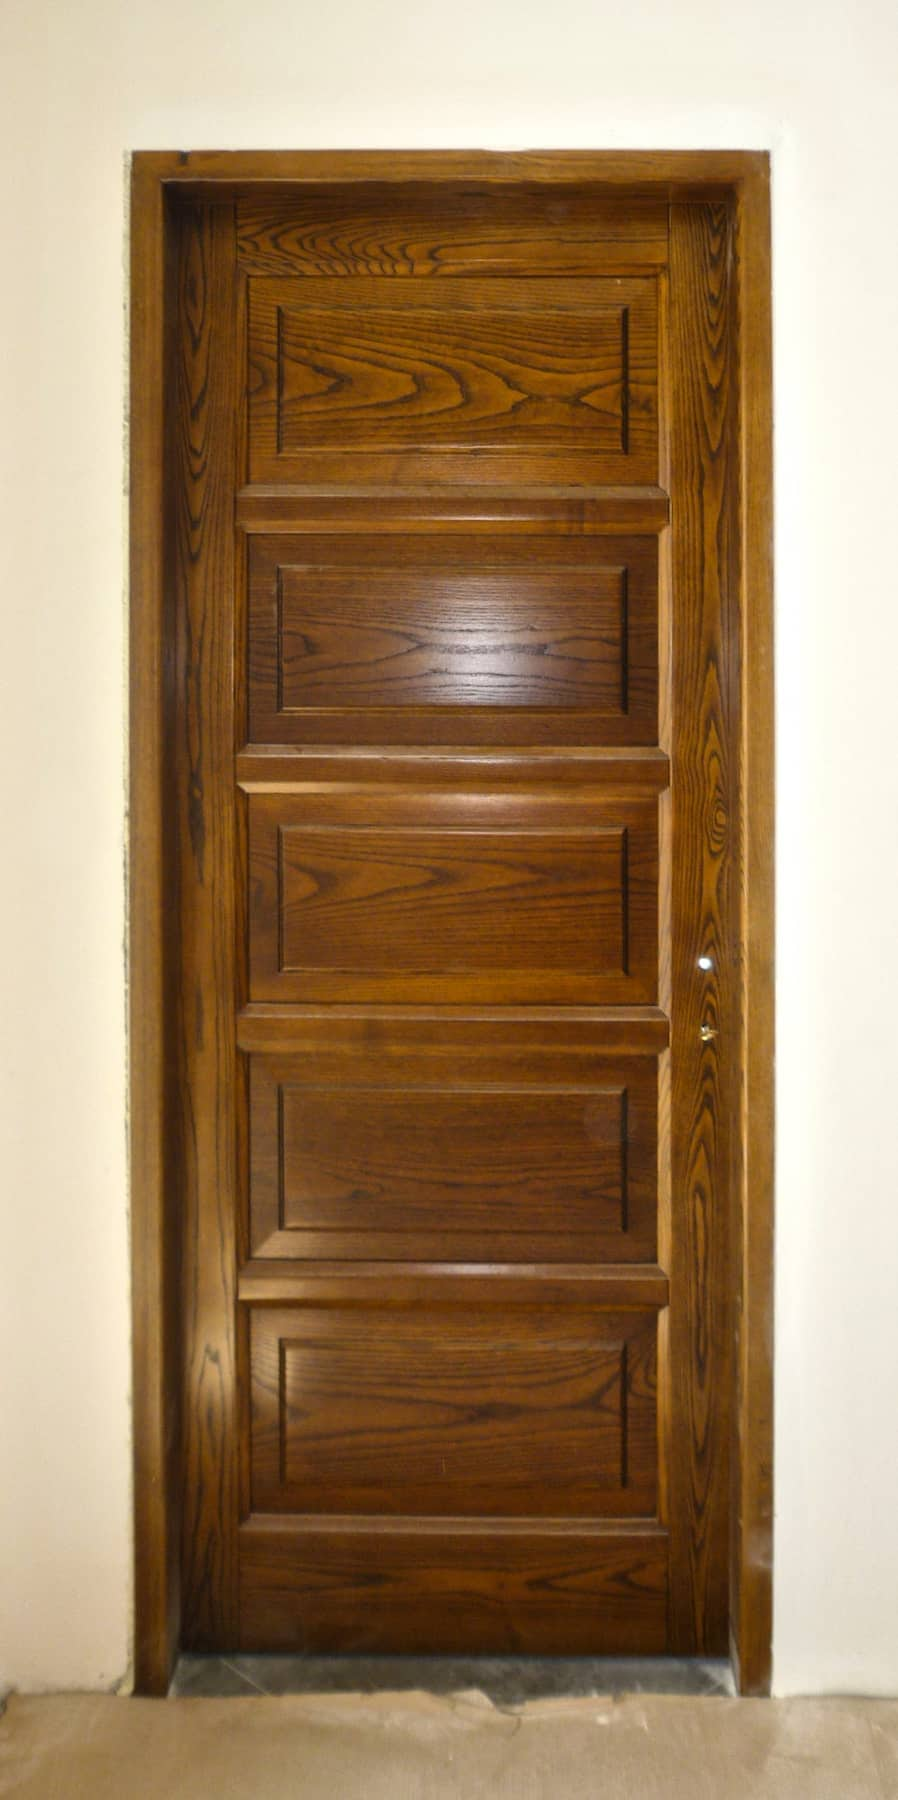 εσωτερική πόρτα μασίφ ξυλείας με πέντε ταμπλάδες